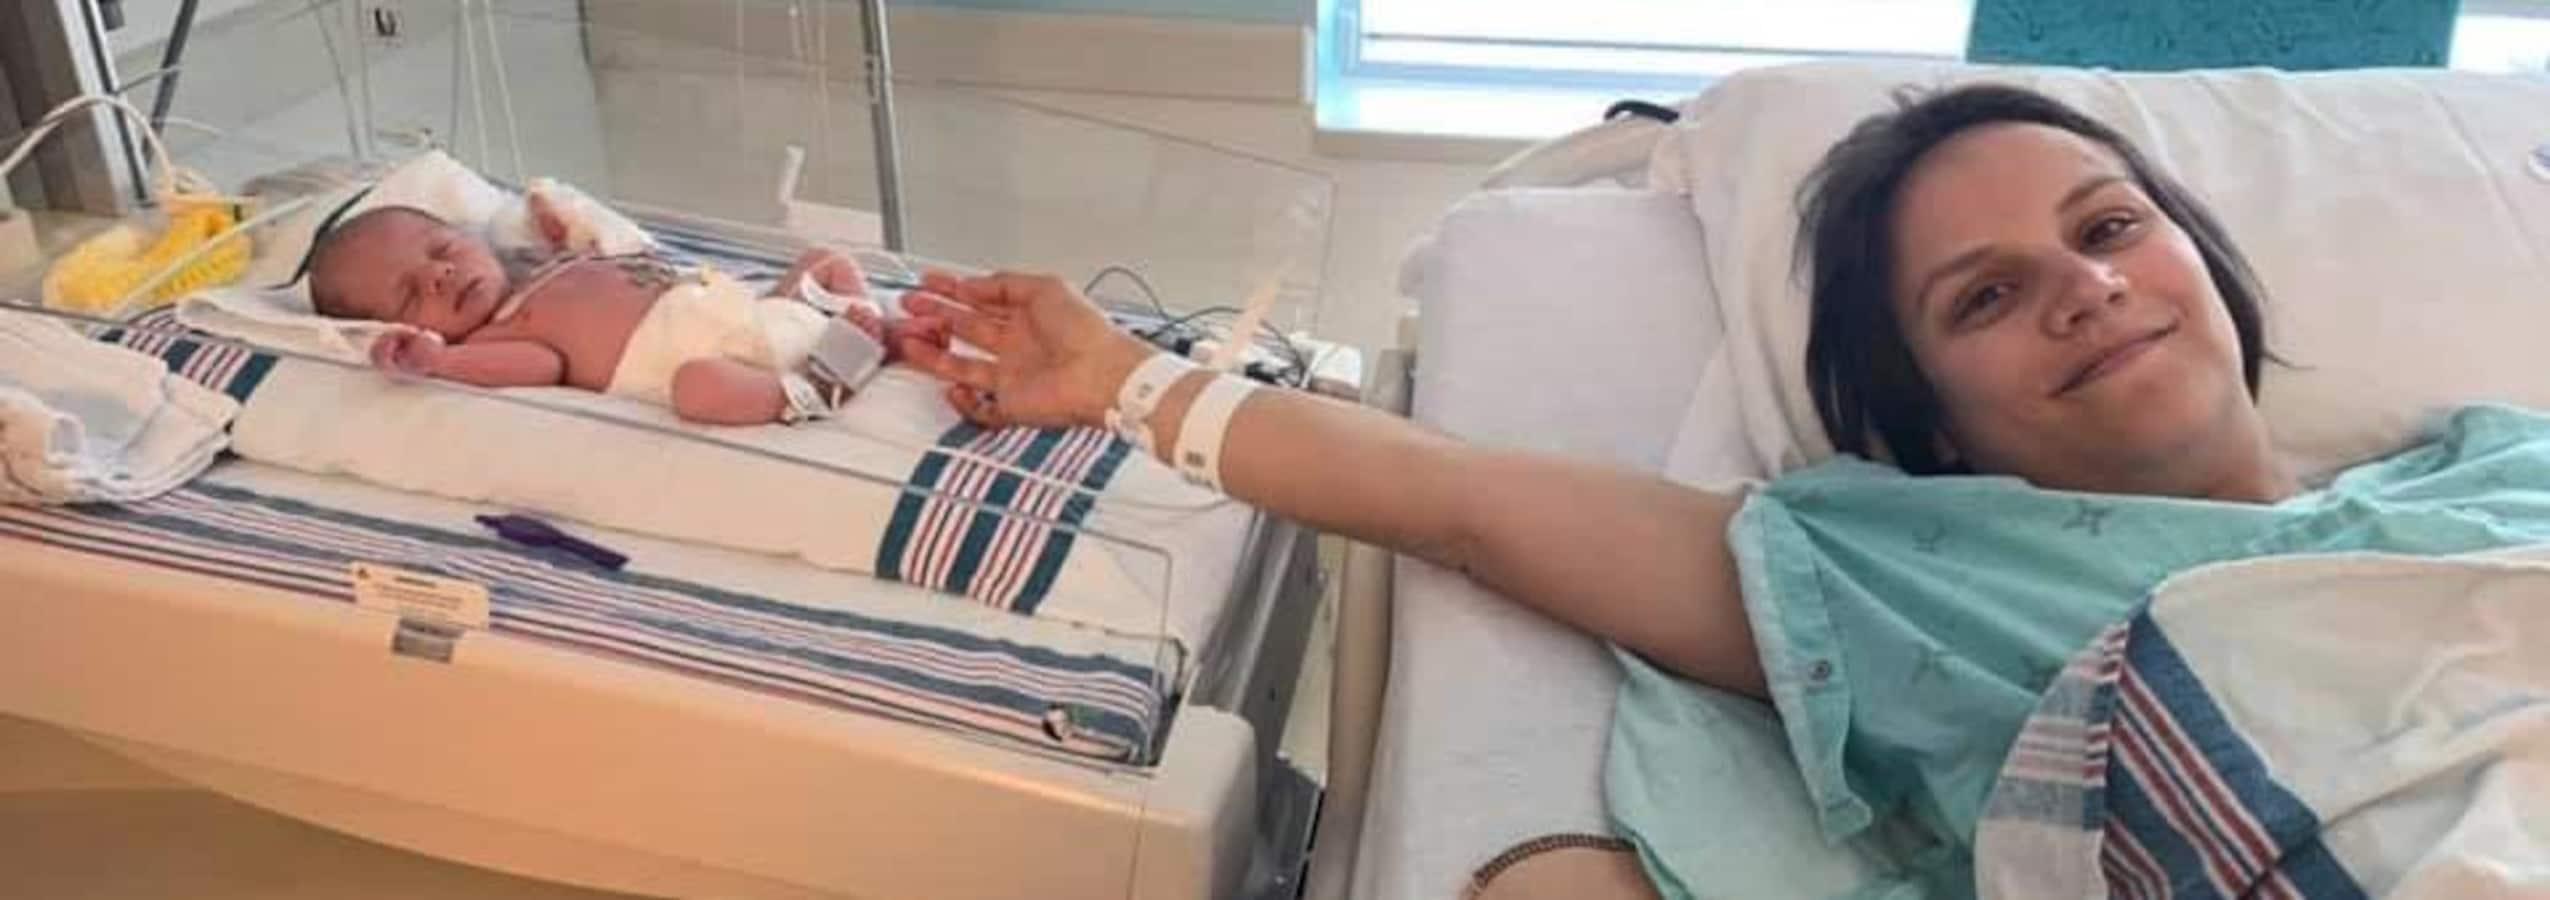 Couchée dans son lit d'hôpital, Meagan Duhamel tend la main vers sa toute petite fille, qui dort juste à côté.